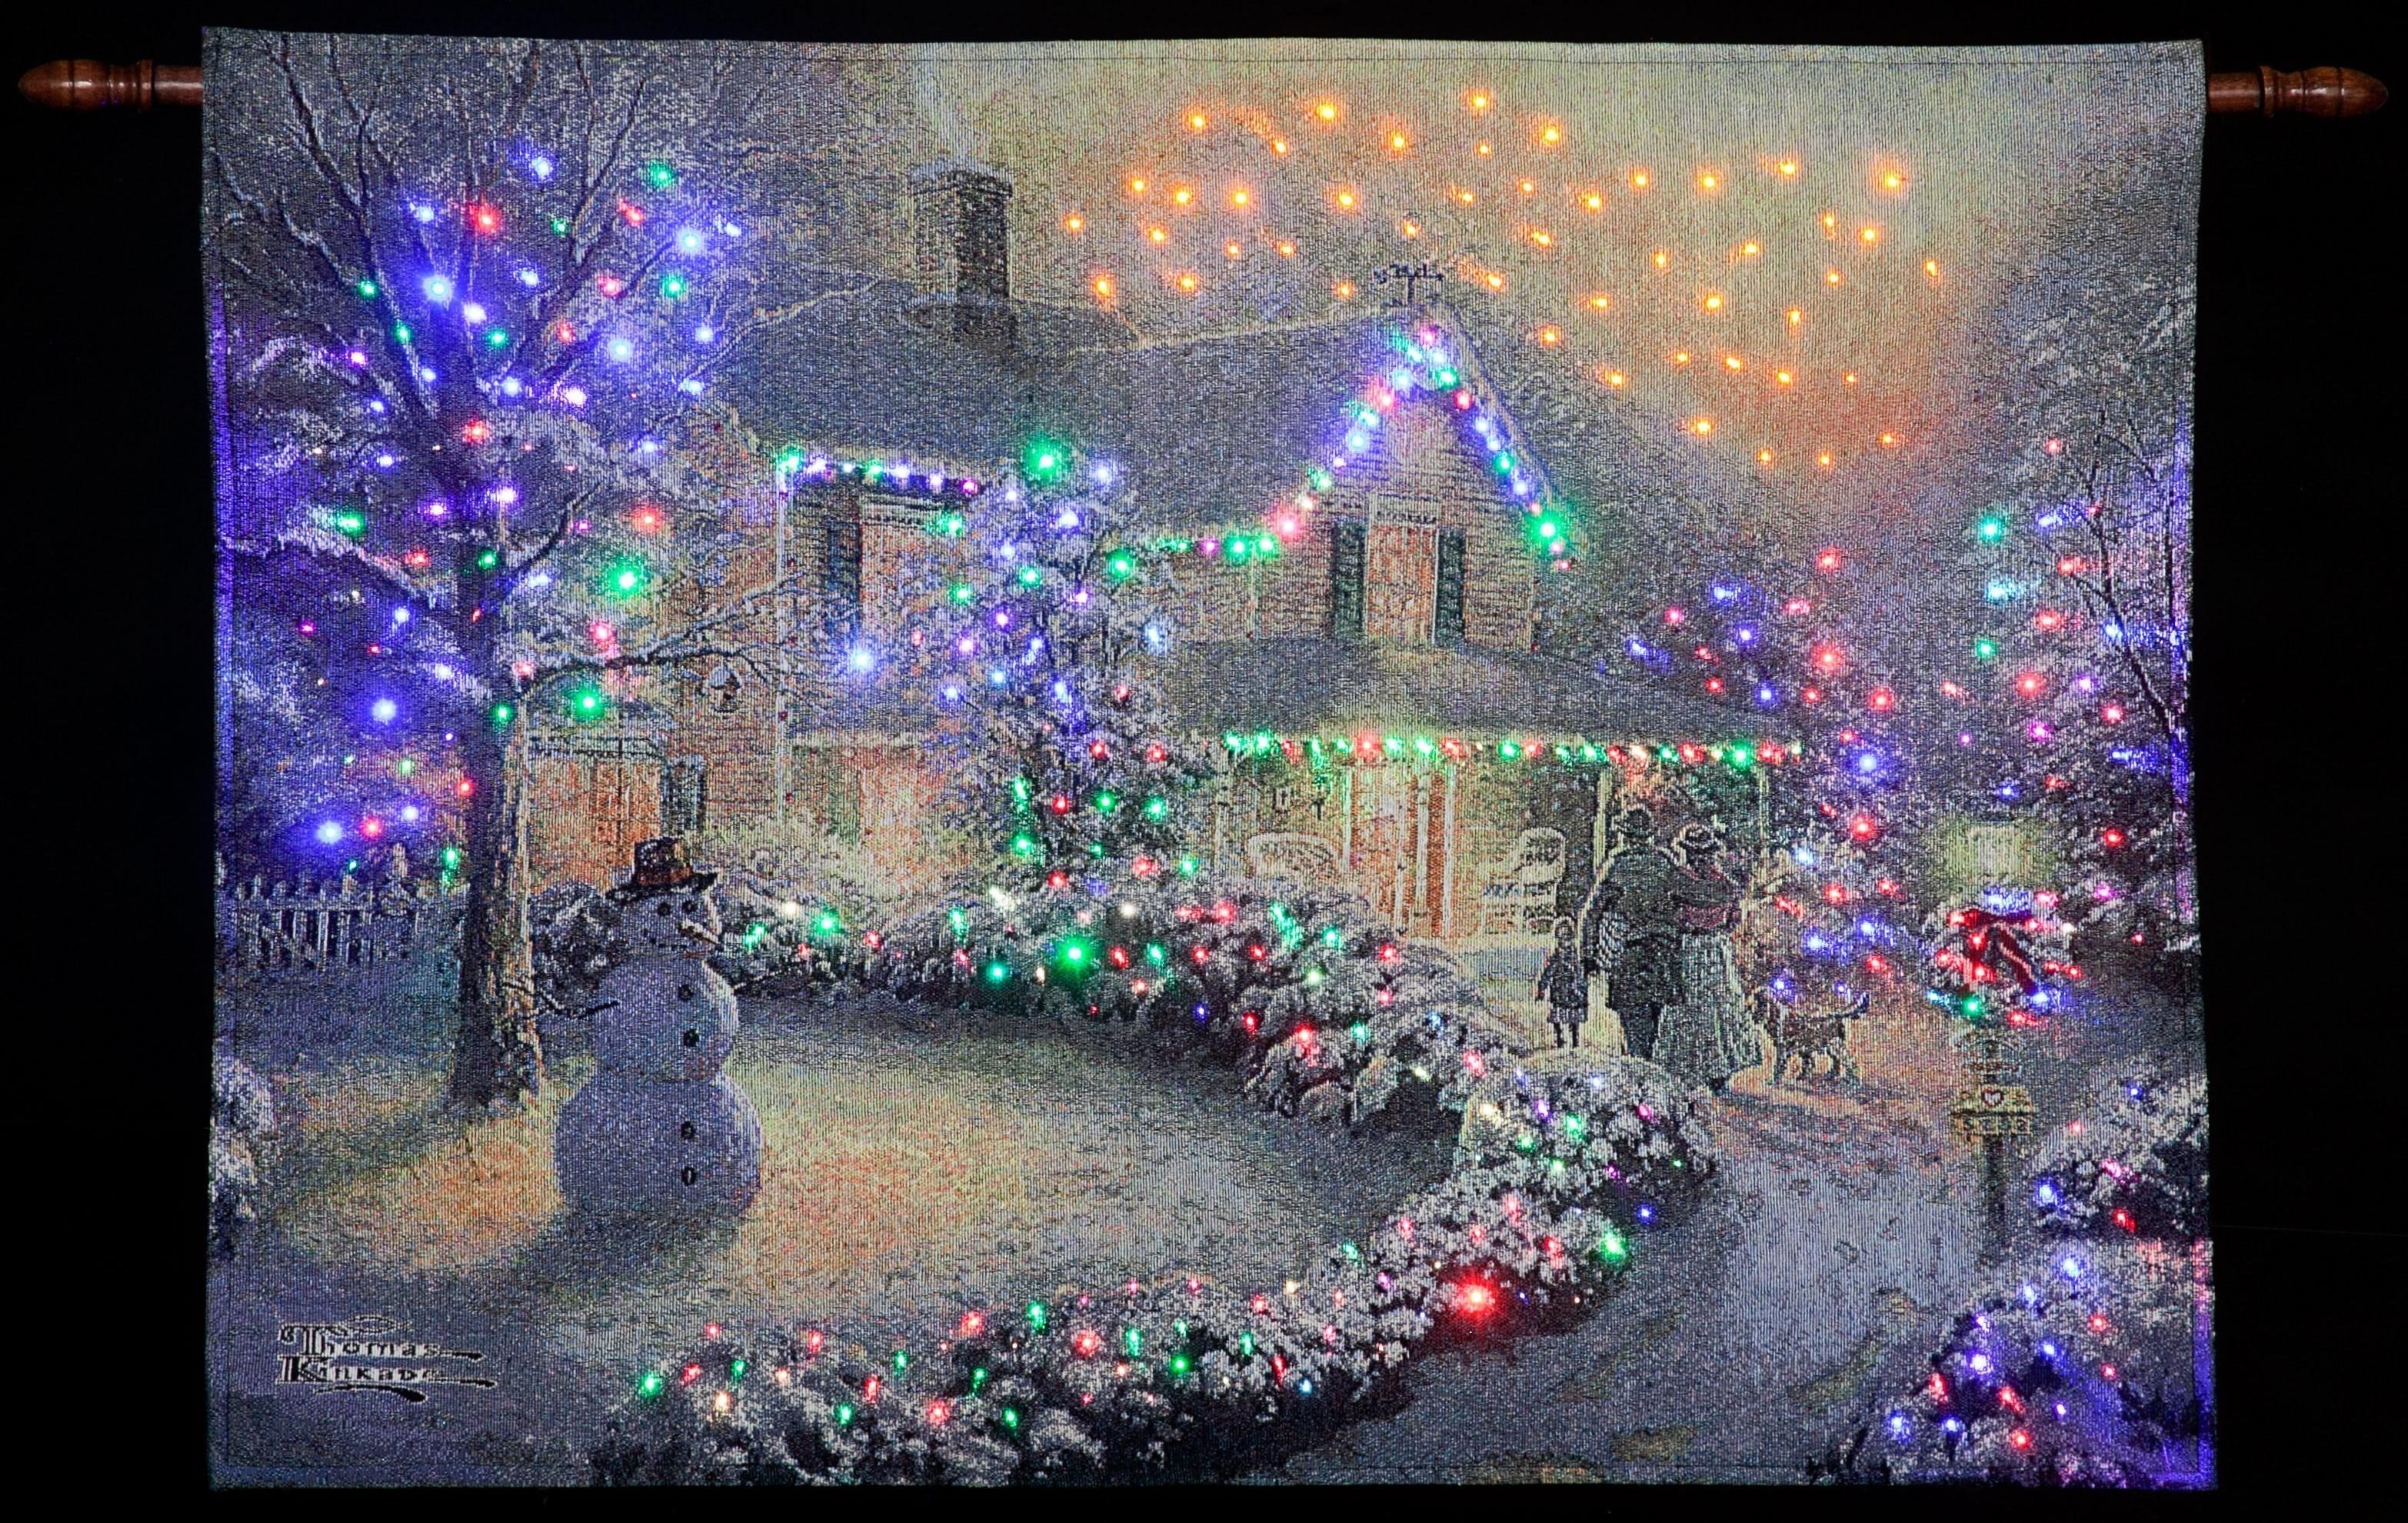 Thomas Kinkade Christmas Backgrounds (56+ images)